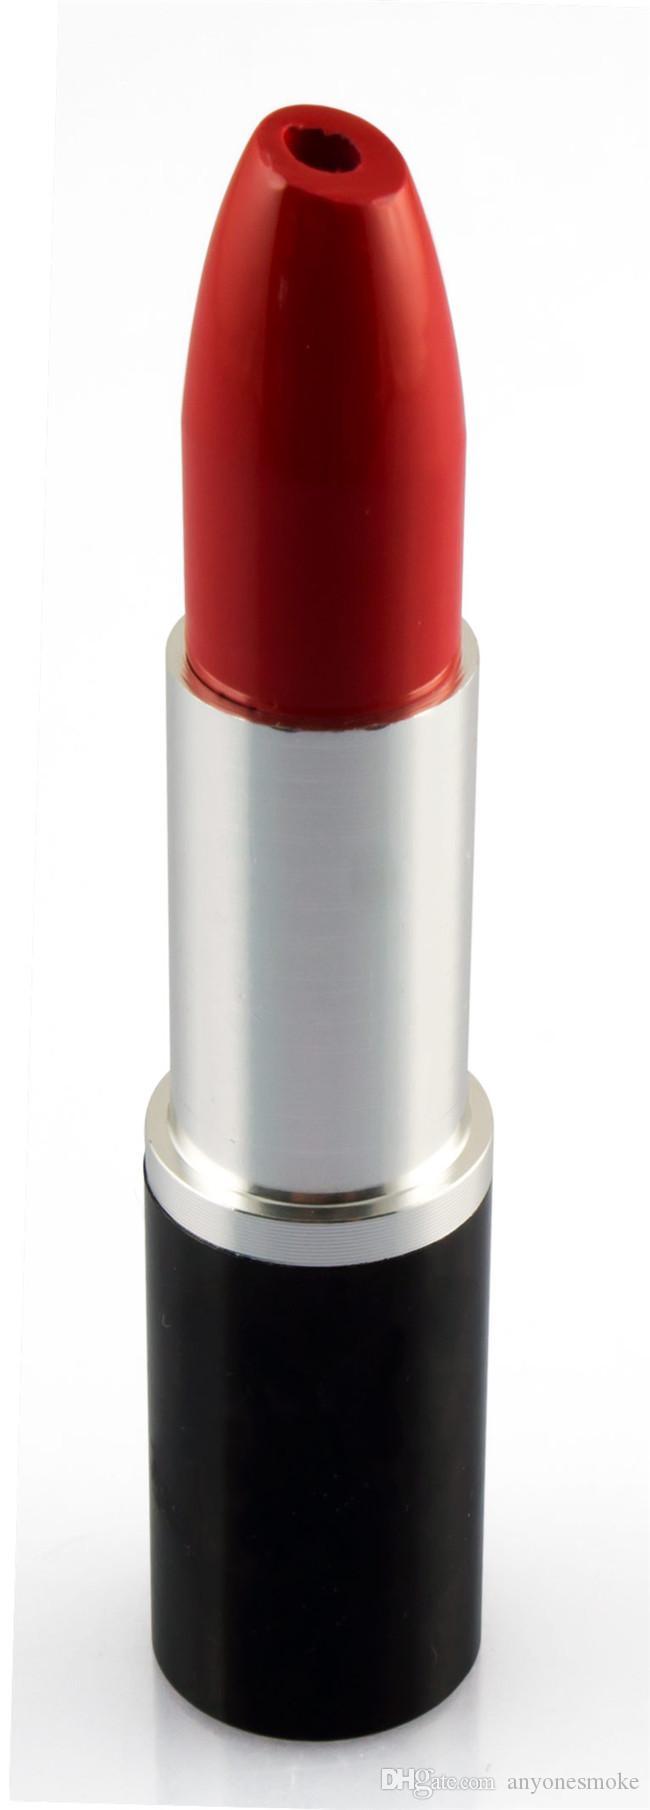 Lippenstift formte Metallpfeifen-Zusatz-Qualitäts-Werkzeuge freies Verschiffenauftrag 200pcs über DHL-Verschiffen